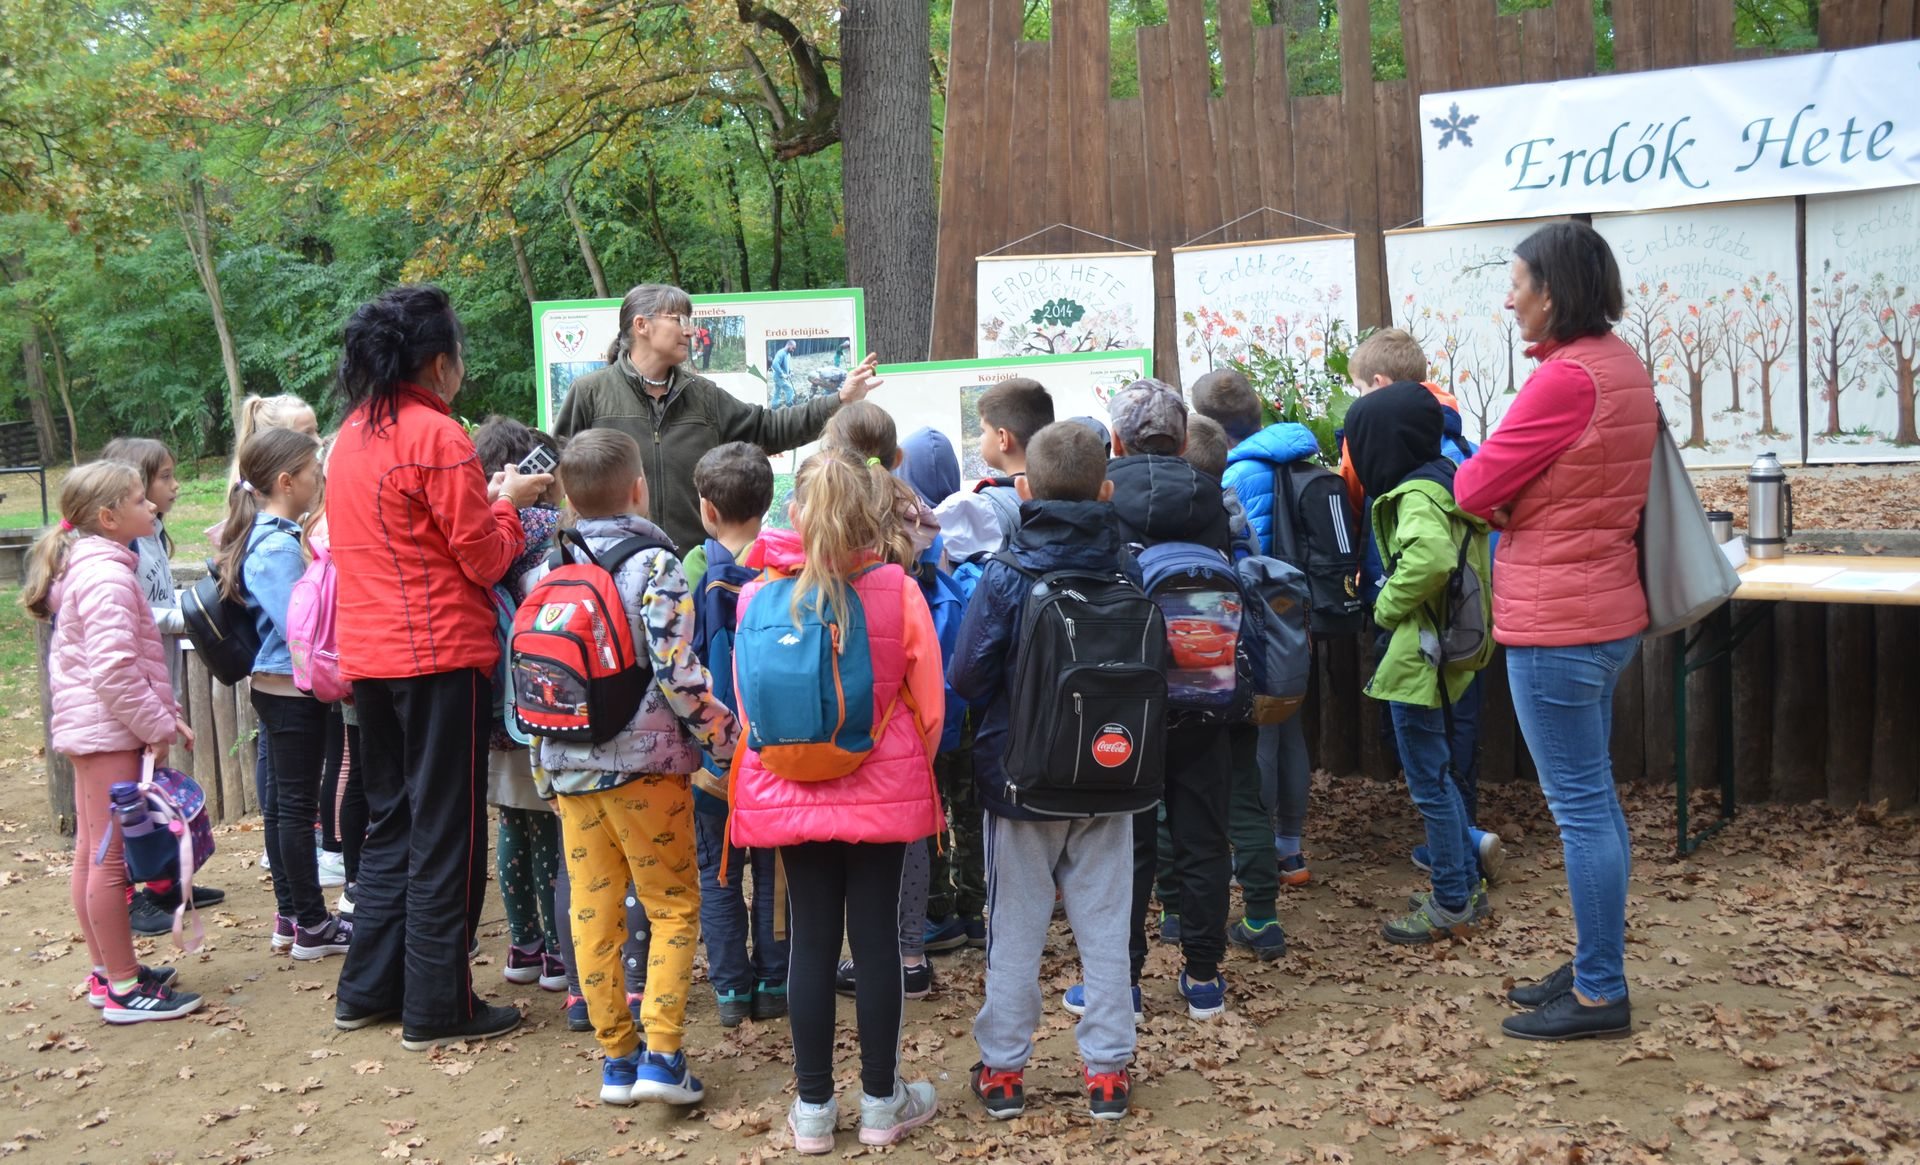 Gyerekek százai fedezték fel a nyíregyházi erdőt - Az Év fáját is elültették az Erdők Hetén